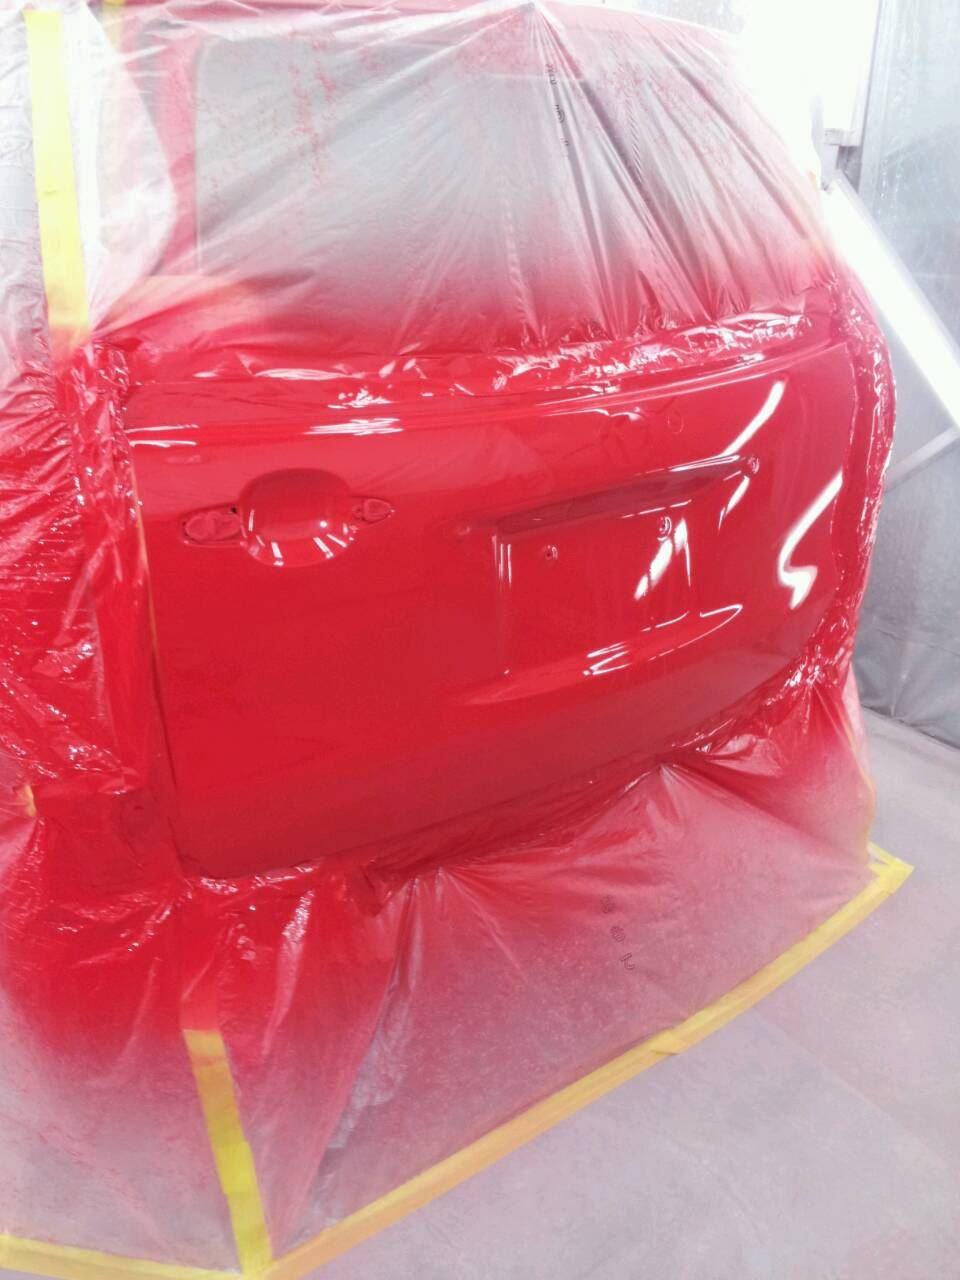 東京都立川市の車の板金塗装修理工場 ガレージローライドのトヨタ ラウムのリヤ回り・前まわりのキズ へこみ の板金 修理 塗装 です。